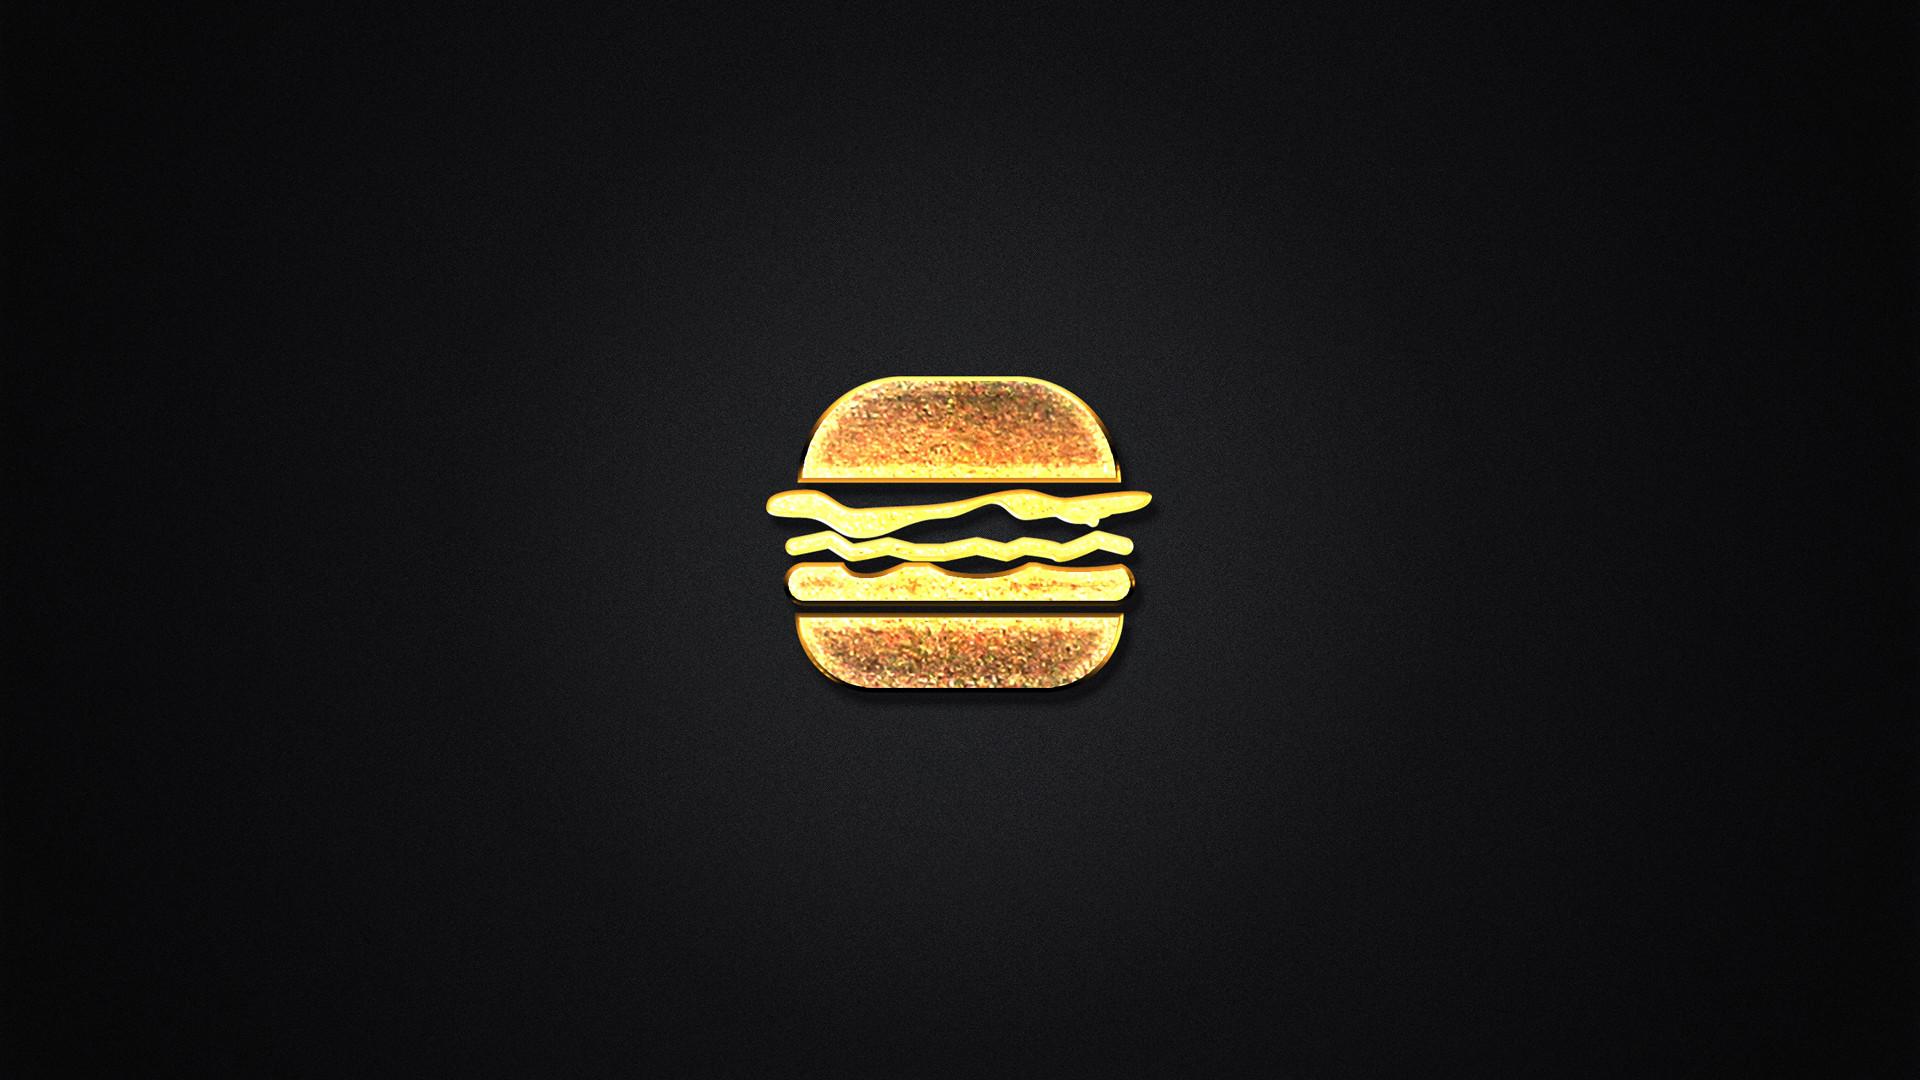 非主流创意简约黑色背景素材汉堡包PPT背景图片免费下载是由PPT宝藏(www.pptbz.com)会员zengmin上传推荐的简约PPT背景图片, 更新时间为2017-01-21,素材编号120481。 汉堡包(Hamburger),简称汉堡,是指使用圆形面包内夹馅料的一种食品,制作方式与三明治类似,现今被普遍视为美式速食的代表。 其实原始的汉堡包就是剁碎的牛肉末和面各式汉堡包成品 做成的肉饼,故称为牛肉饼。古代鞑靼人有生吃牛肉的习惯,随着鞑靼人的西迁,先传入巴尔干半岛,而后传到德意志,逐淅改生食为熟食。